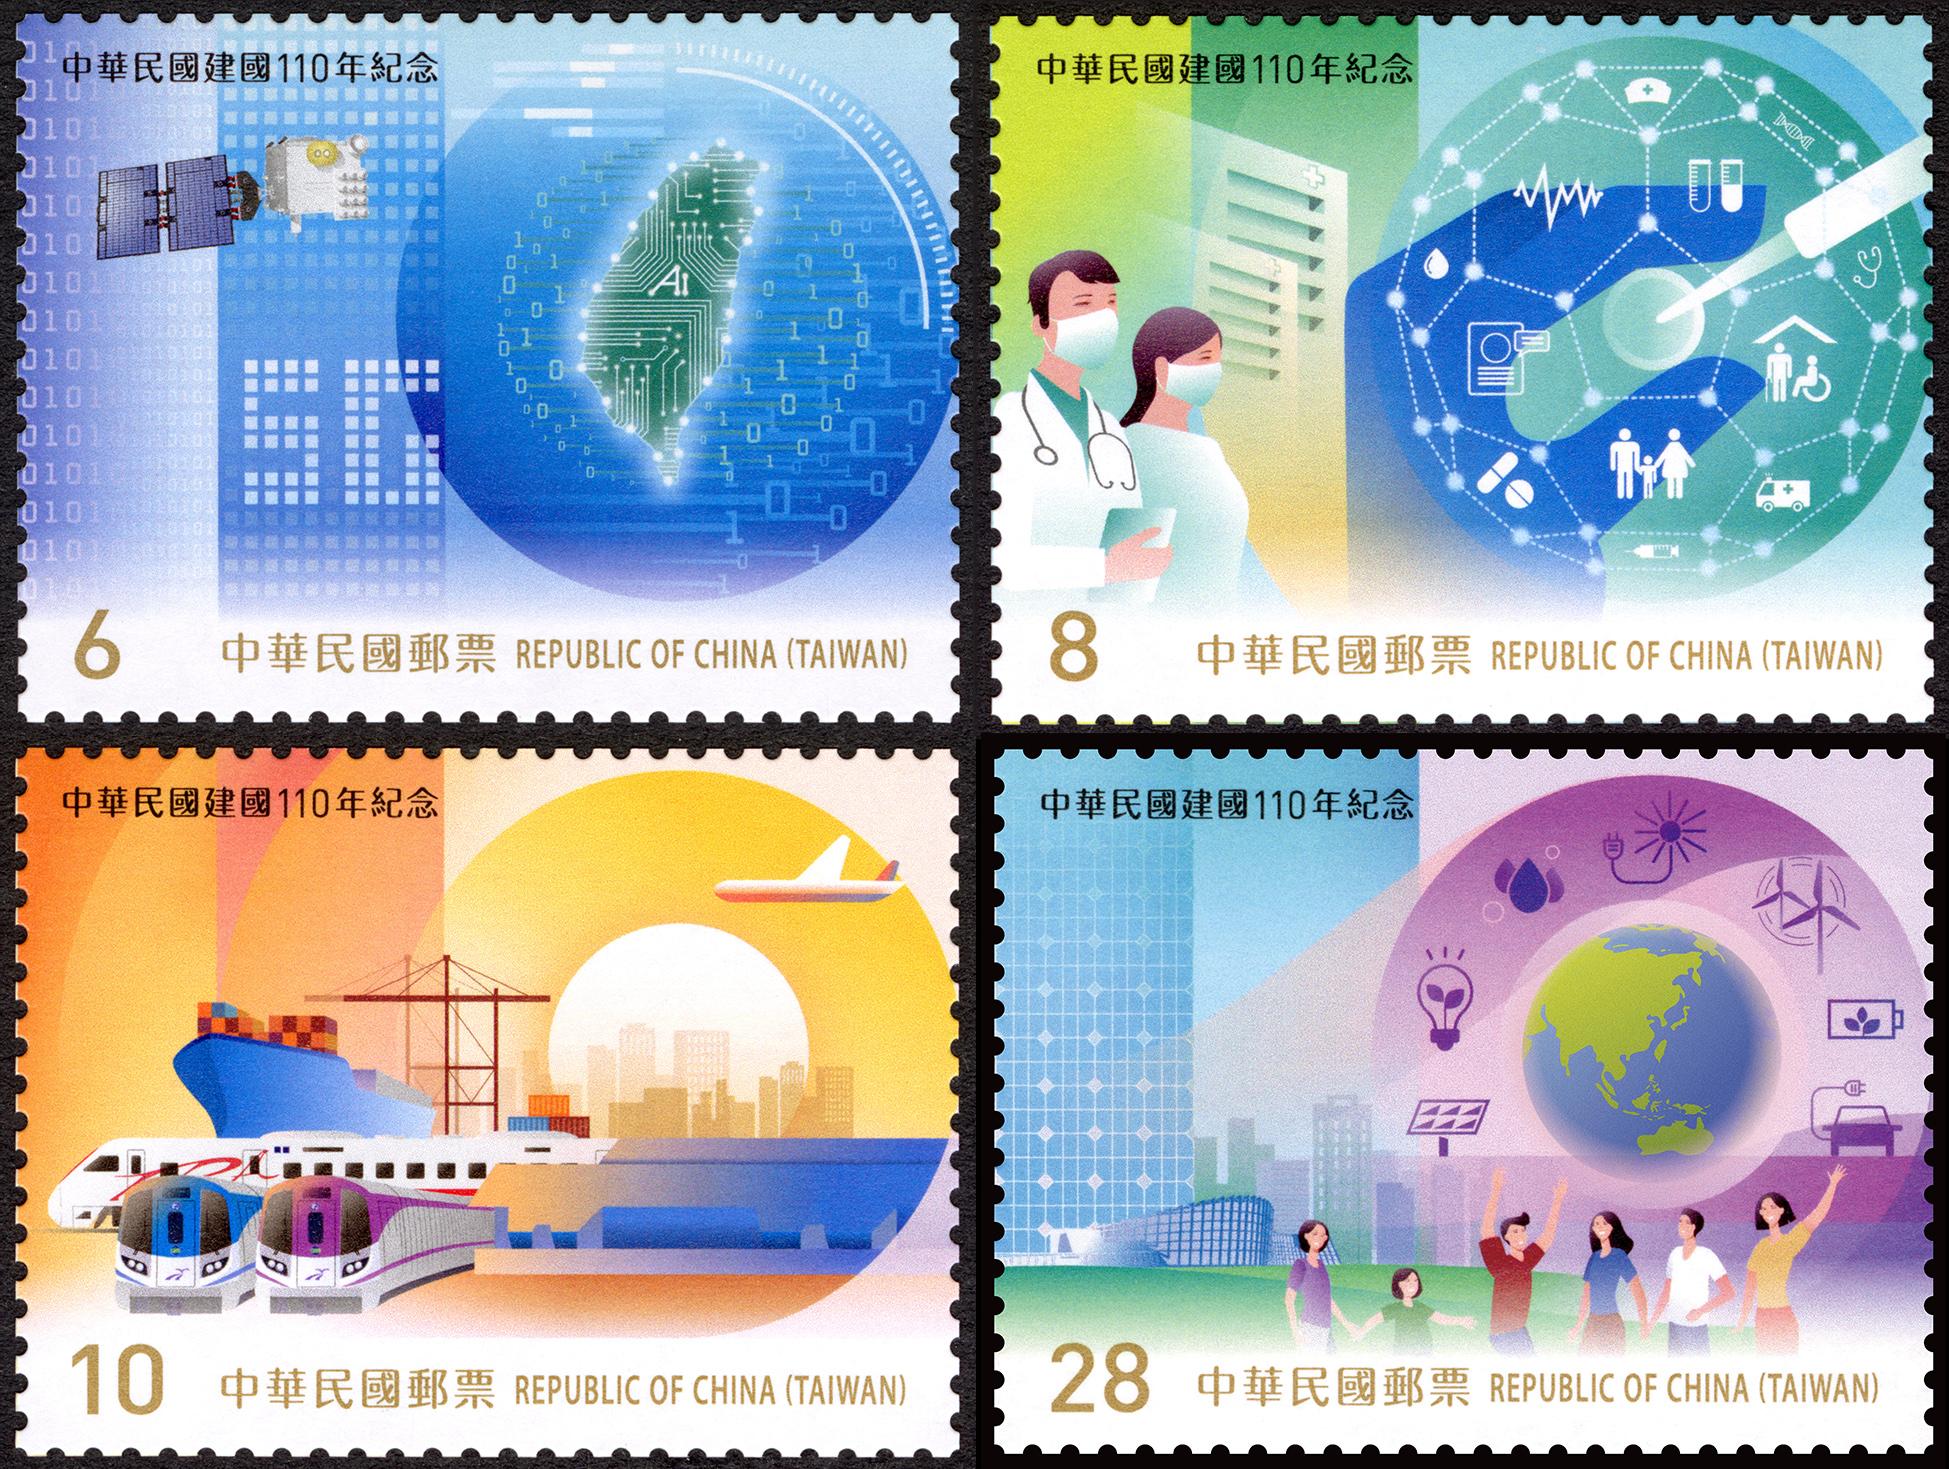 中華民國建國110年紀念郵票